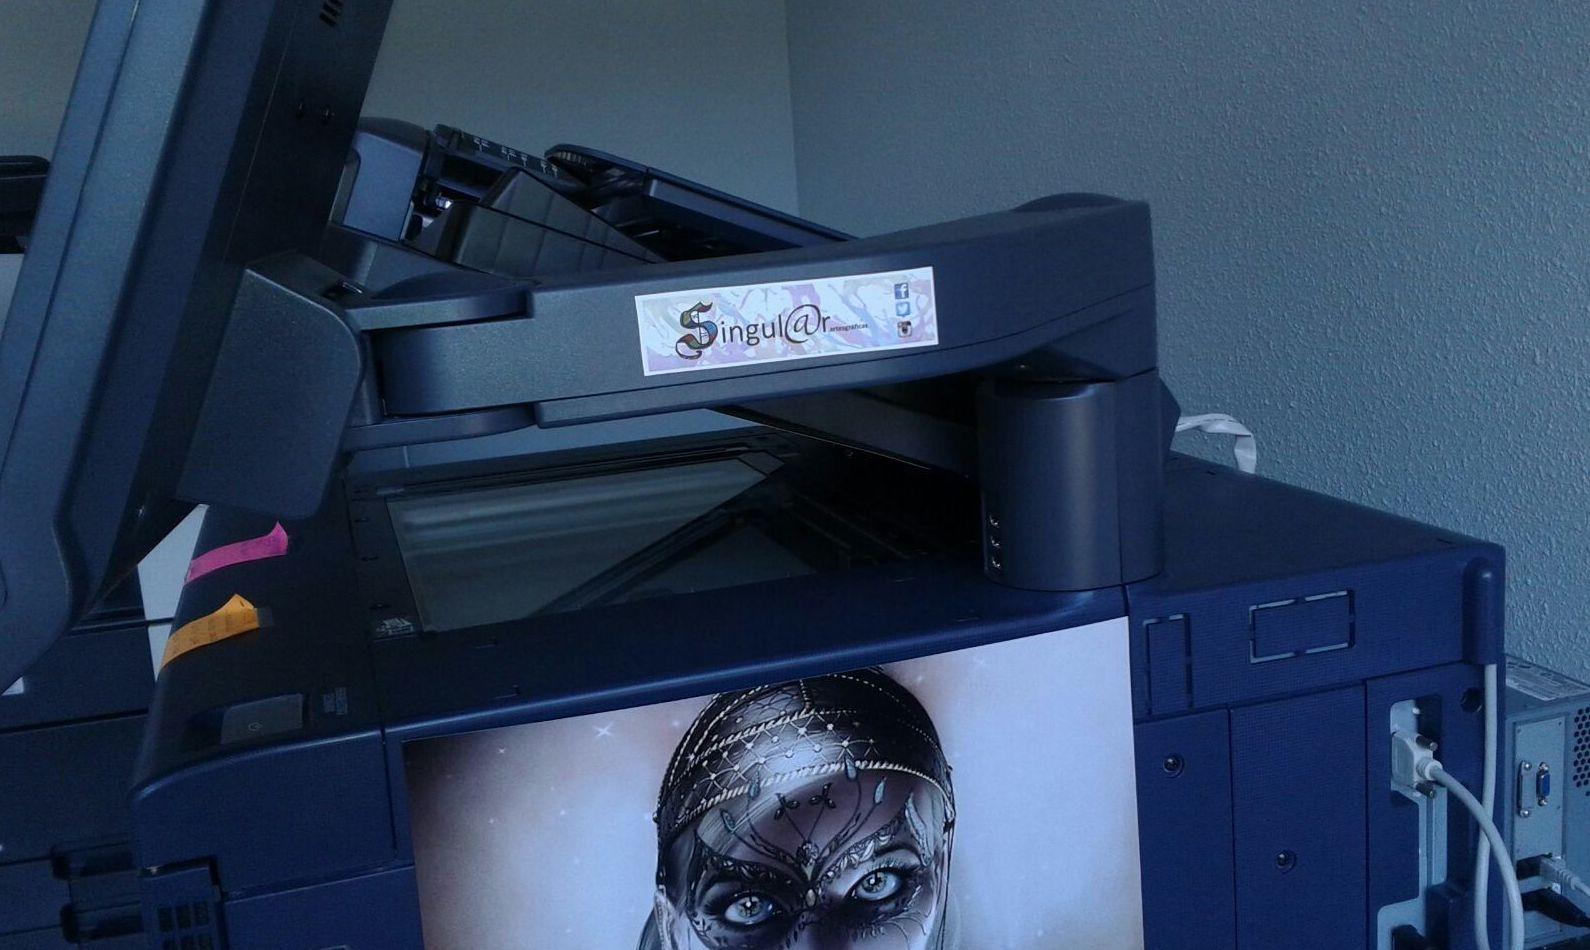 Fotocopias: Productos y Servicios de Singul@r Artes Gráficas